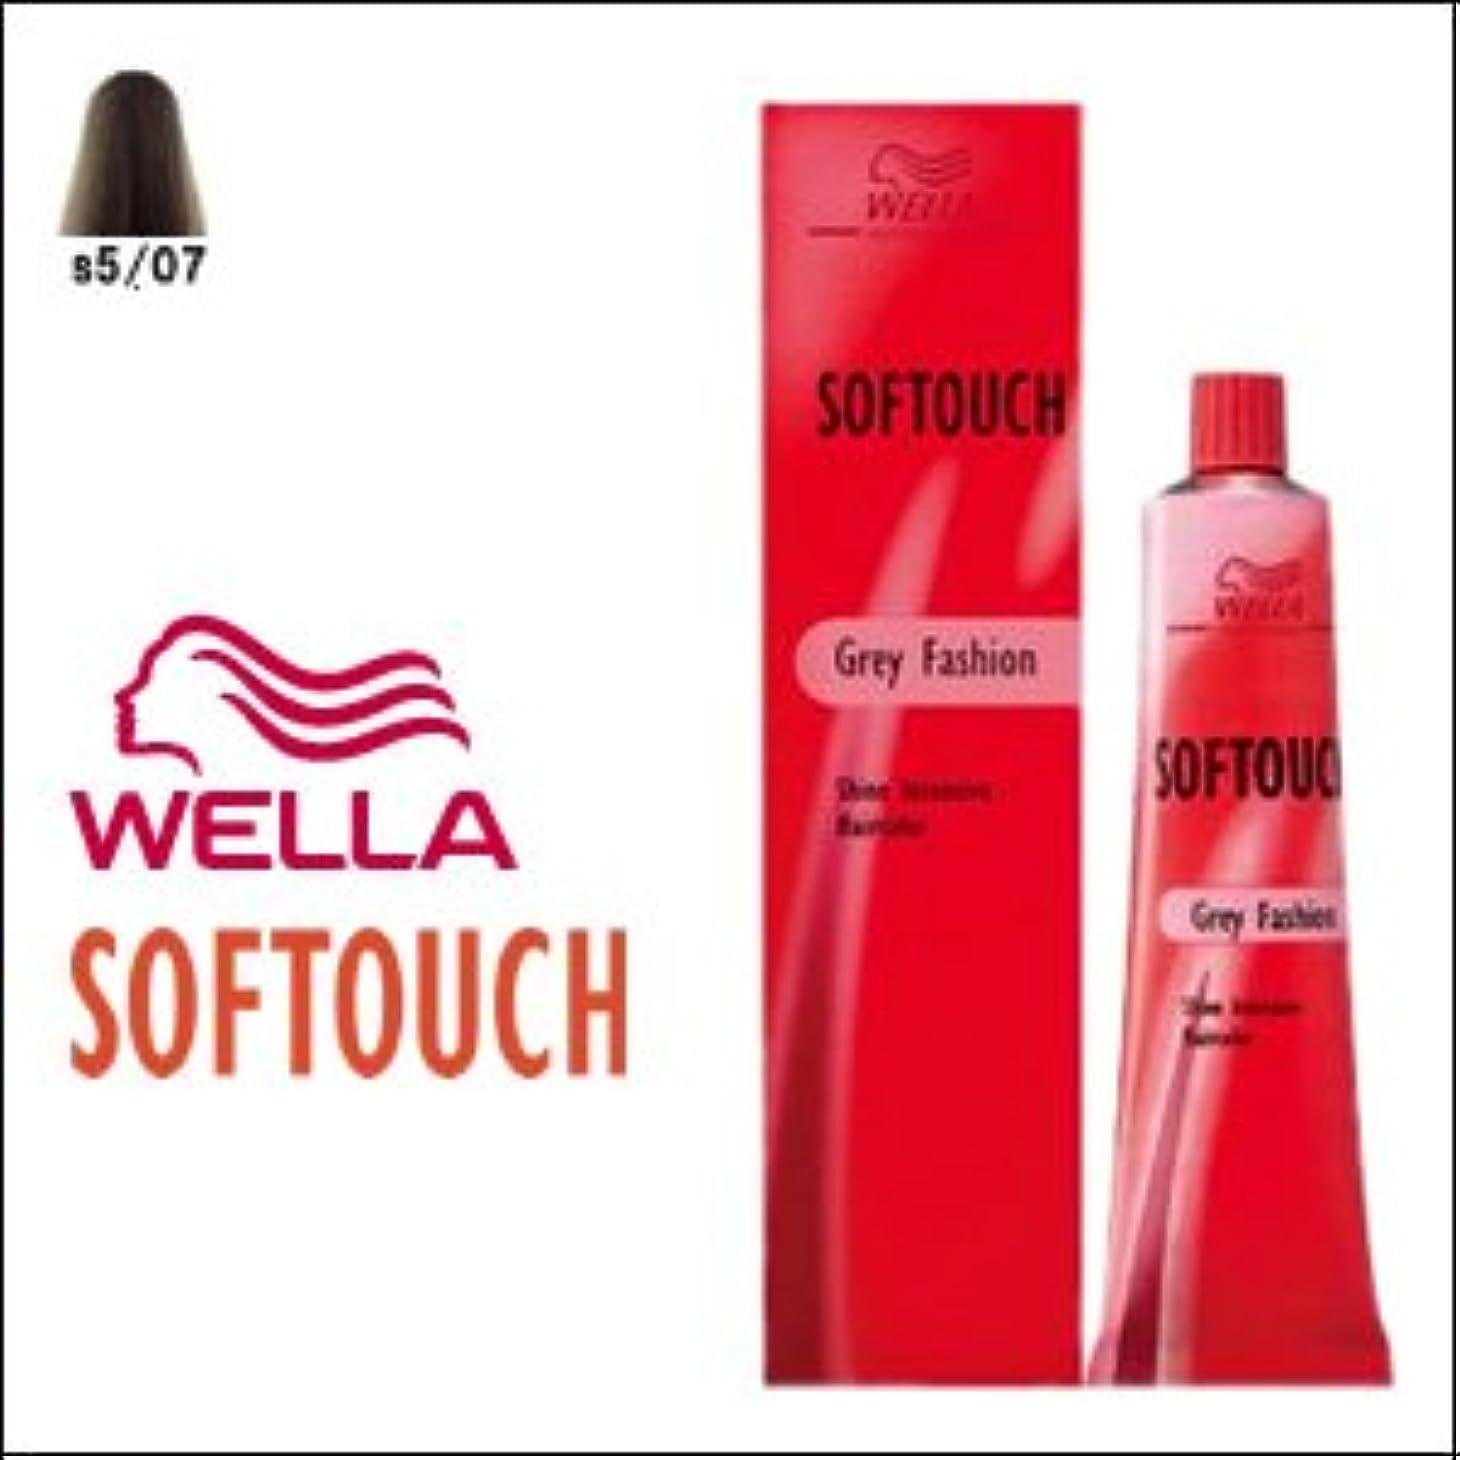 簡略化するうっかり臭いウエラ ヘアカラー ソフタッチ S5/07 60g